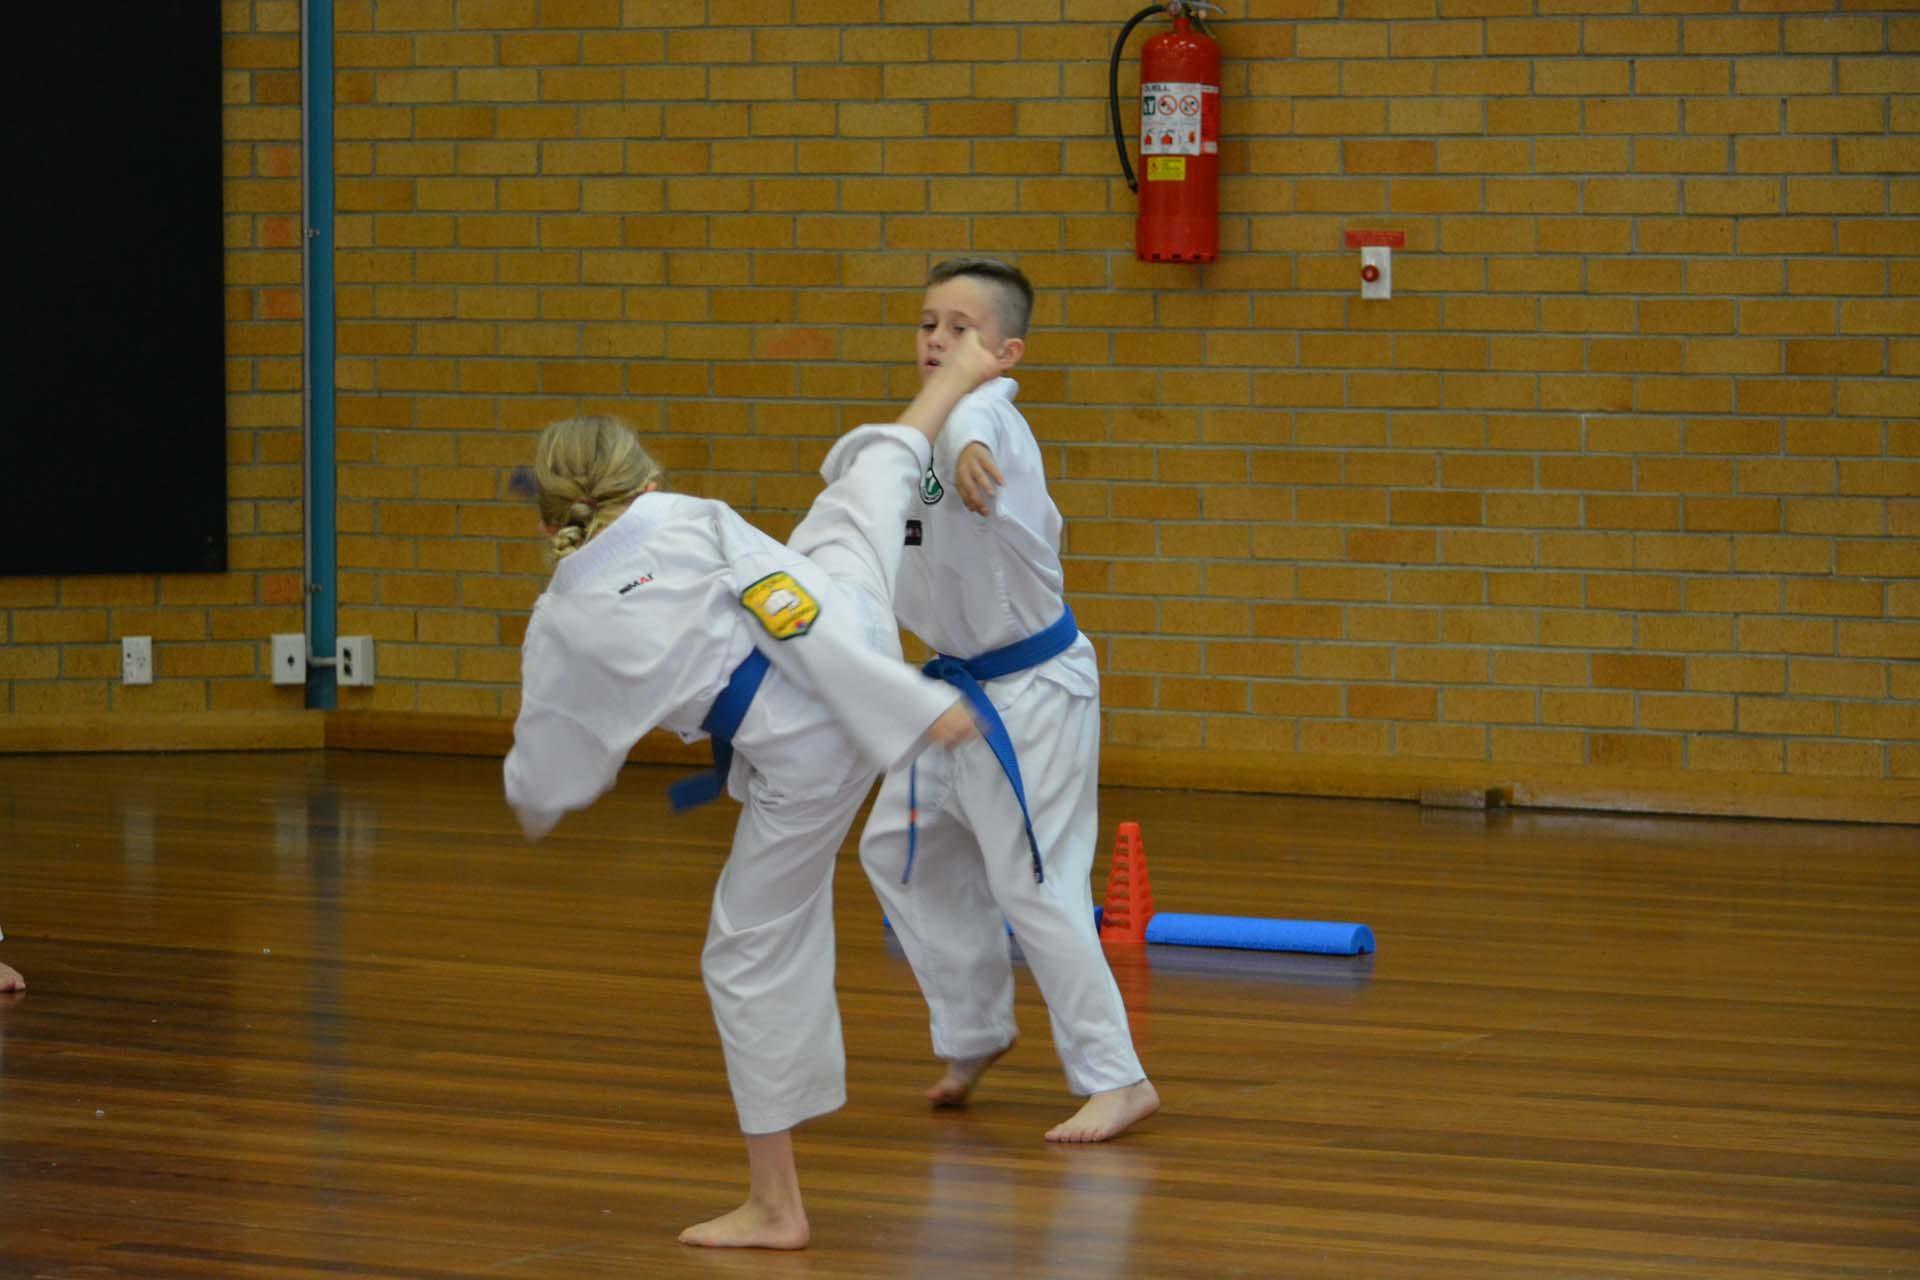 Two junior martial arts students practicing taekwondo at Tamworth martial arts.